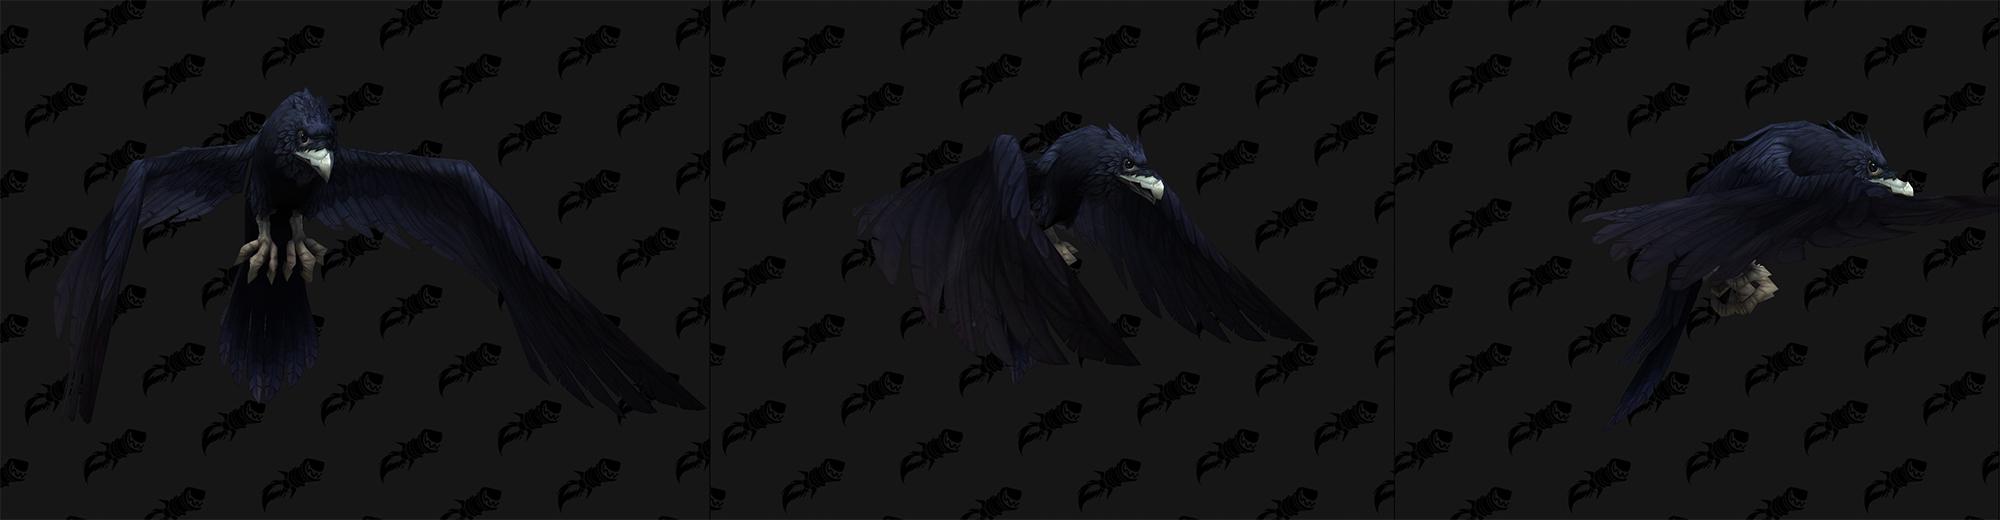 Patch 9.1.5 : Forme de voyage corbeau